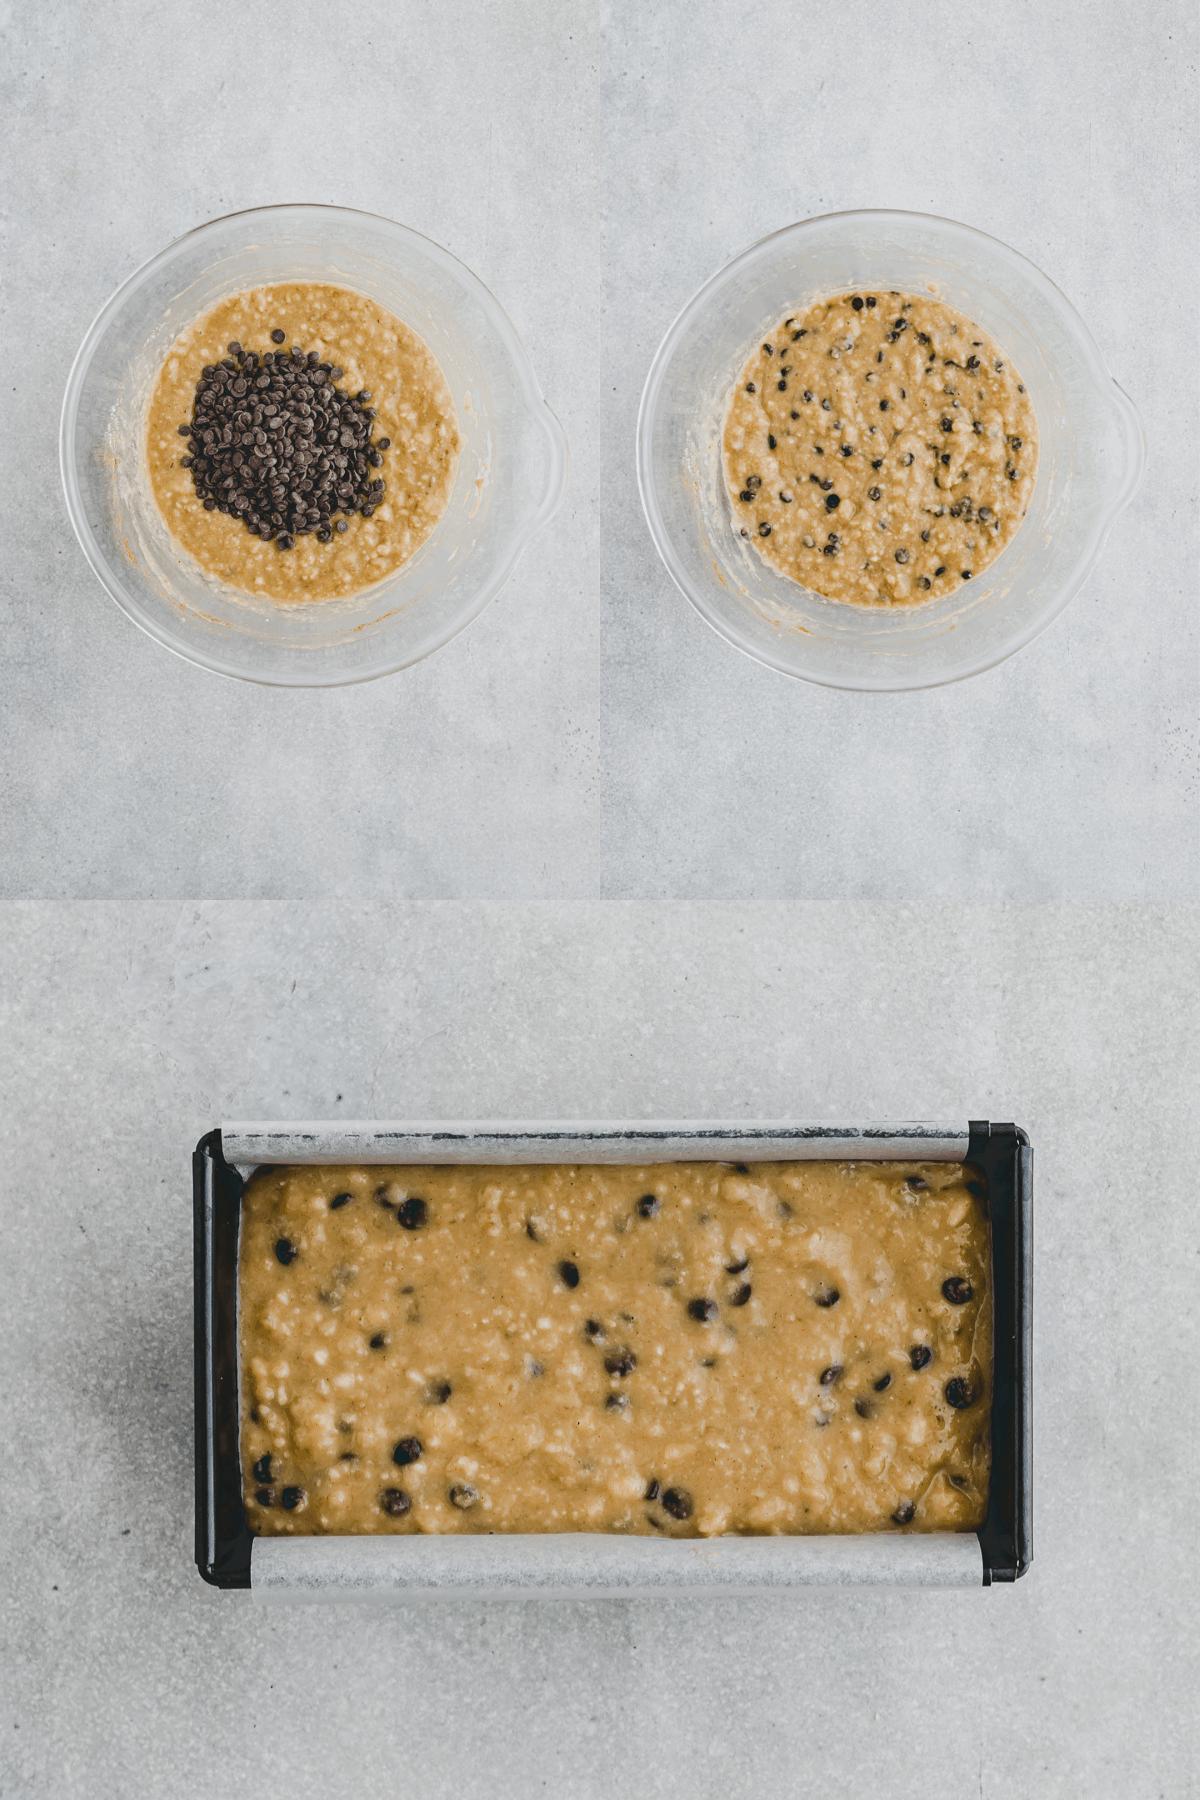 Paleo Banana Bread Recipe Step 5-7